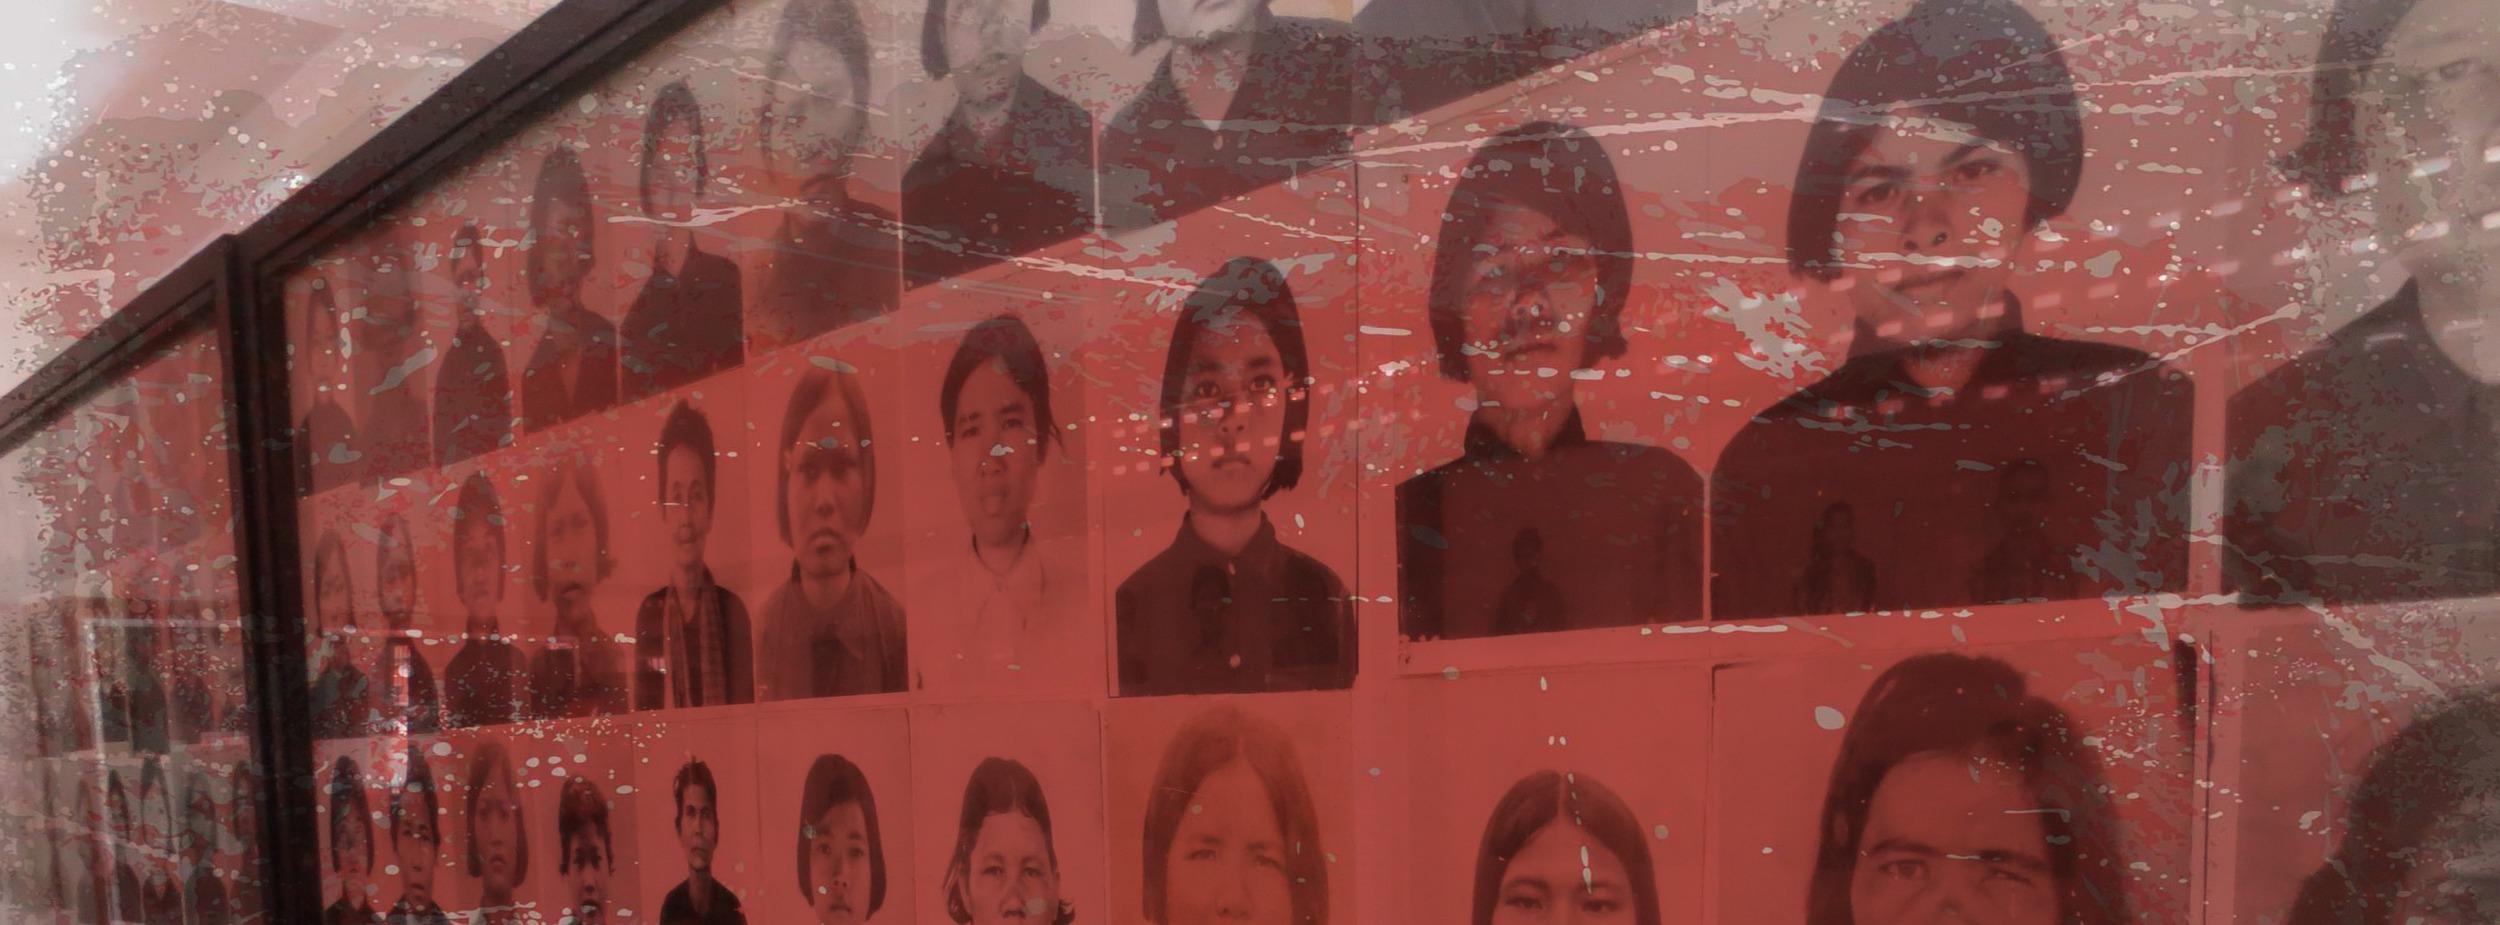 Bangsokol: A Requiem for Cambodia   Producer